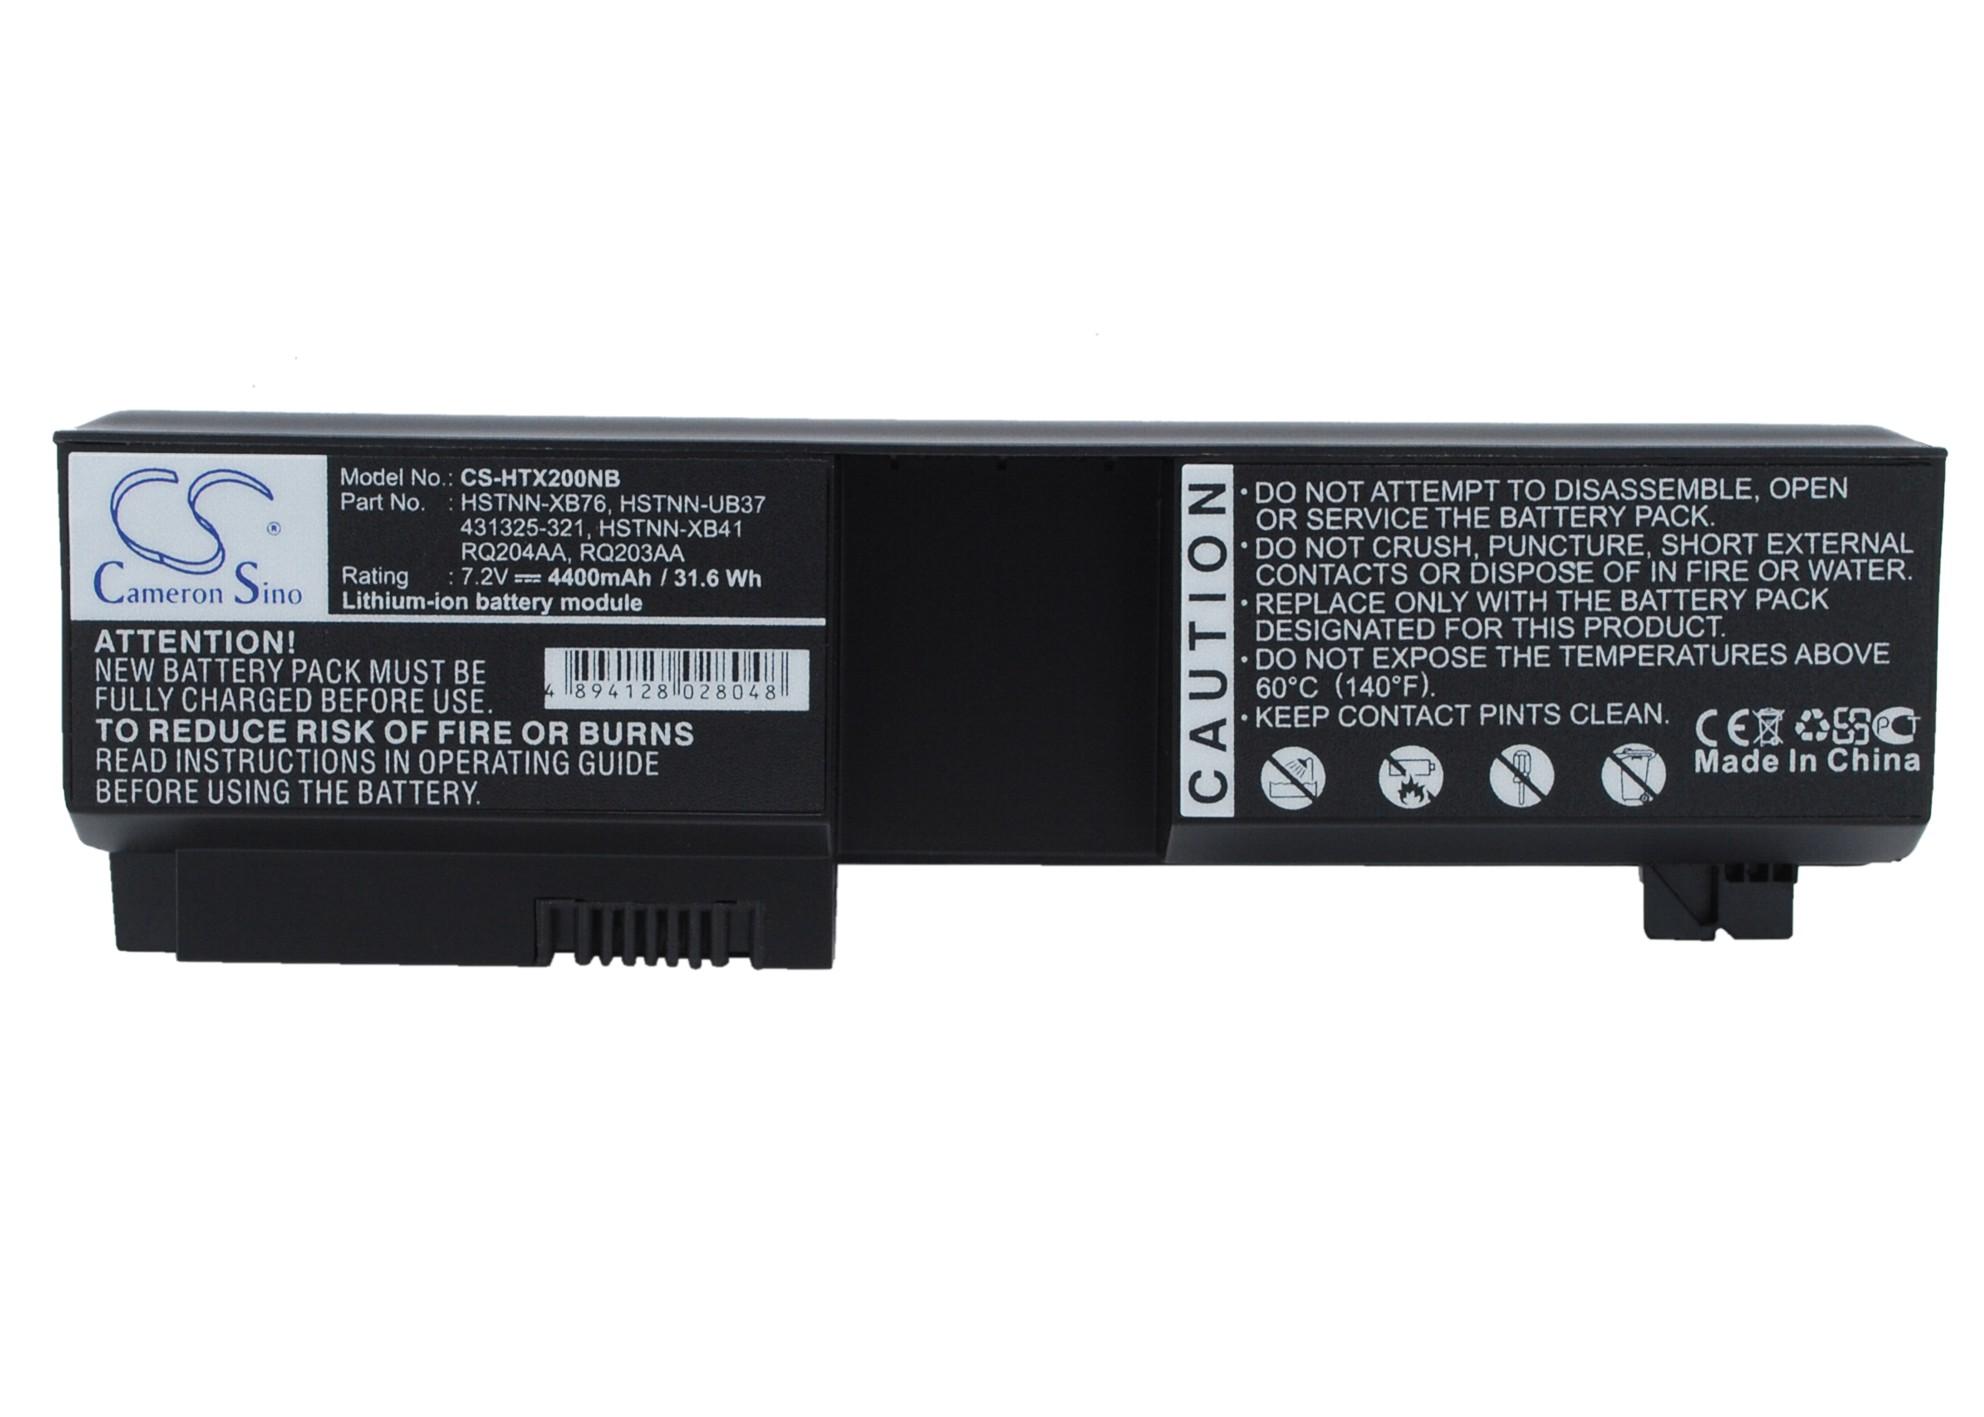 Cameron Sino baterie do notebooků pro HP Pavilion tx1000 7.2V Li-ion 4400mAh černá - neoriginální